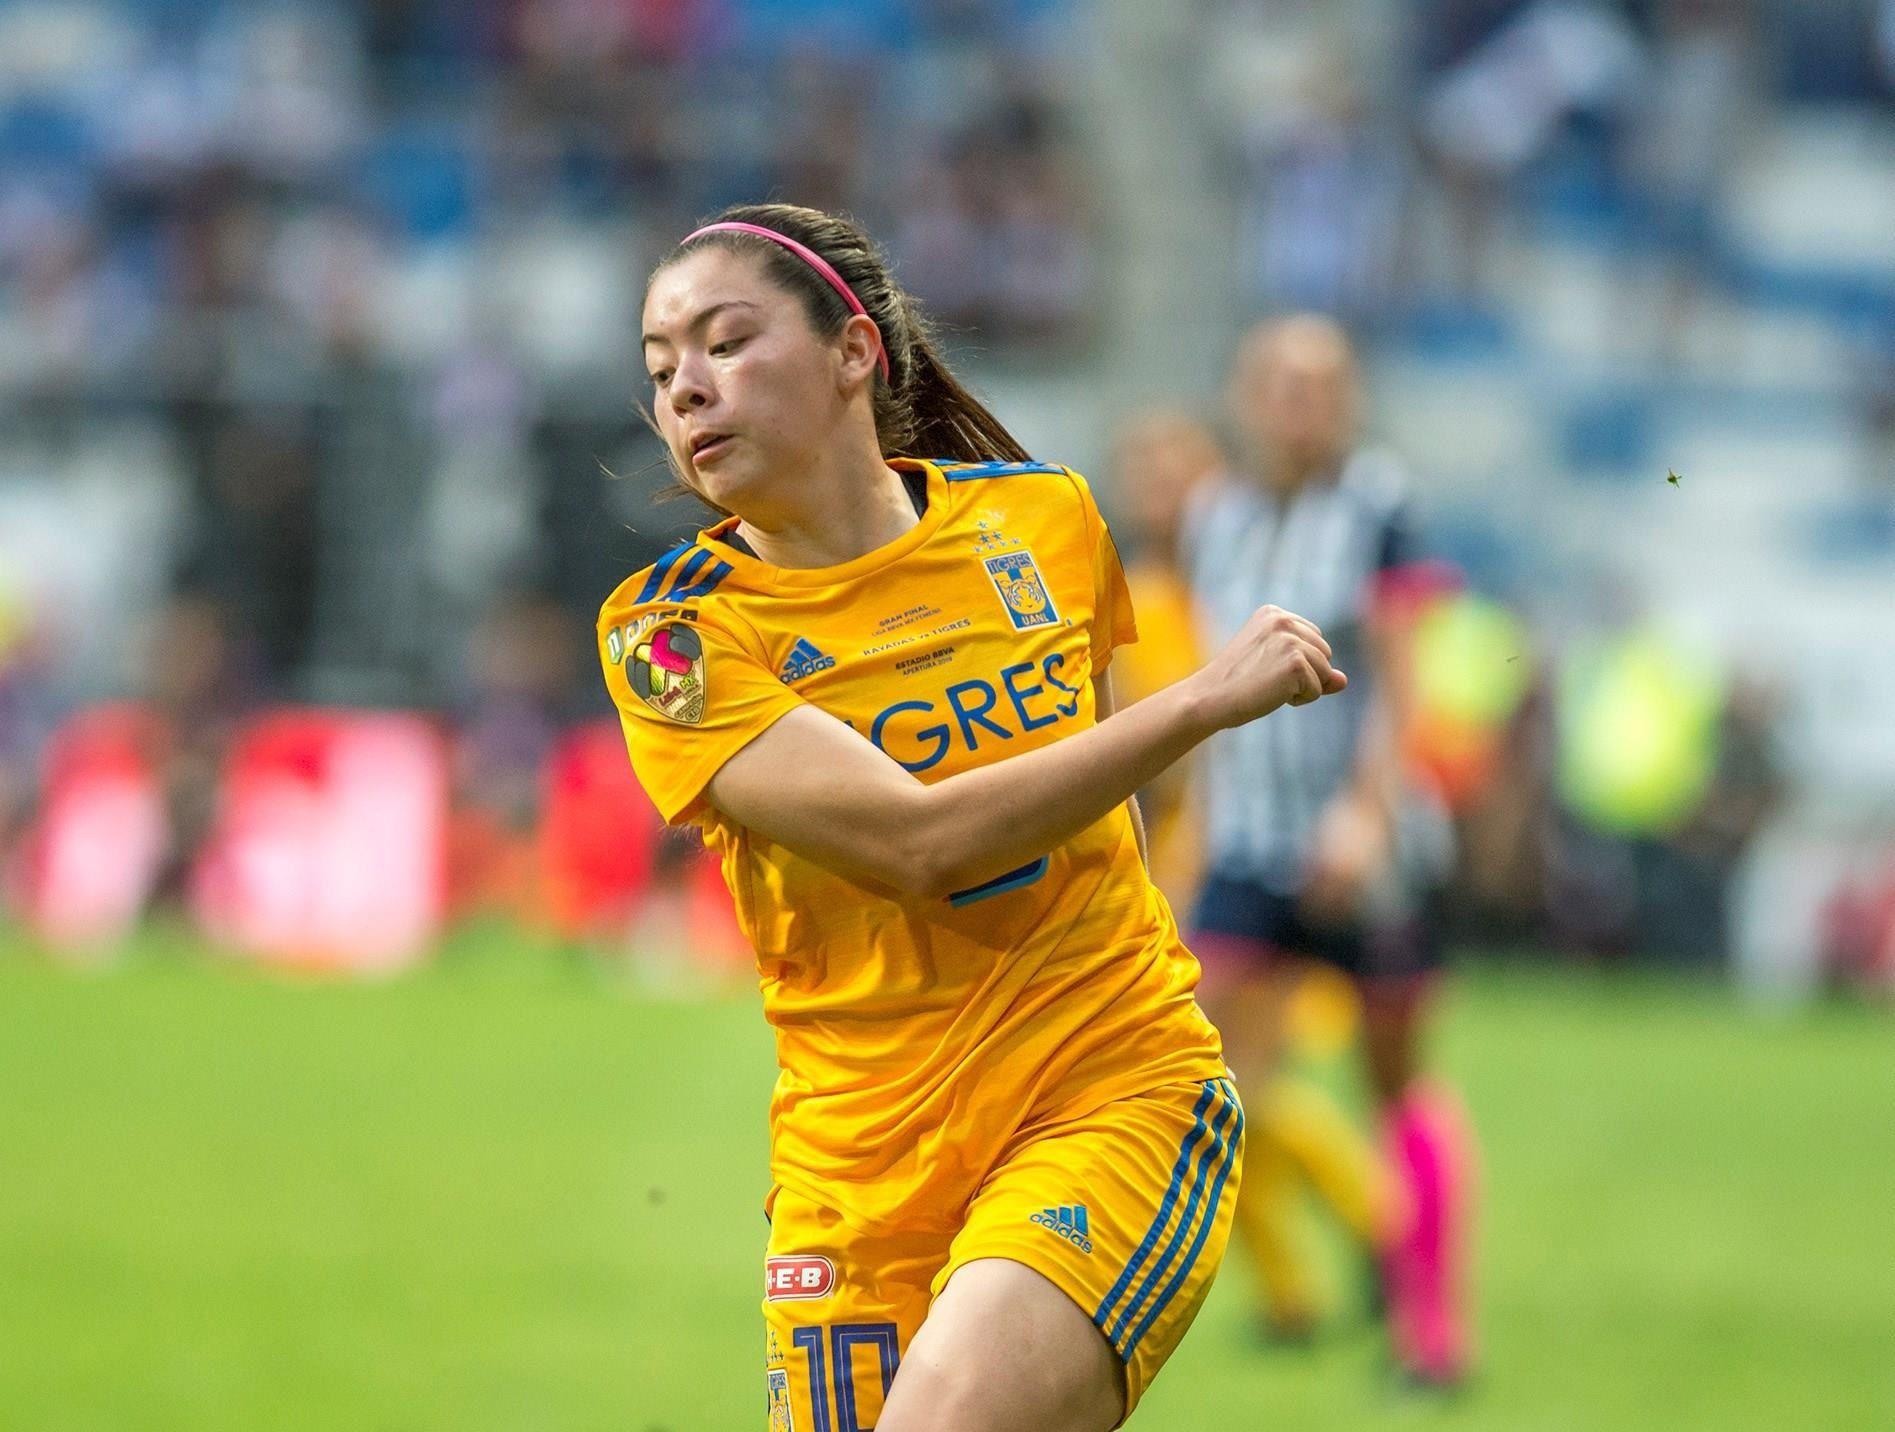 Fotografía de archivo de Katty Martínez de Tigres, el 7 de diciembre de 2019, en la ciudad de Monterrey (México). EFE/Miguel Sierra/Archivo